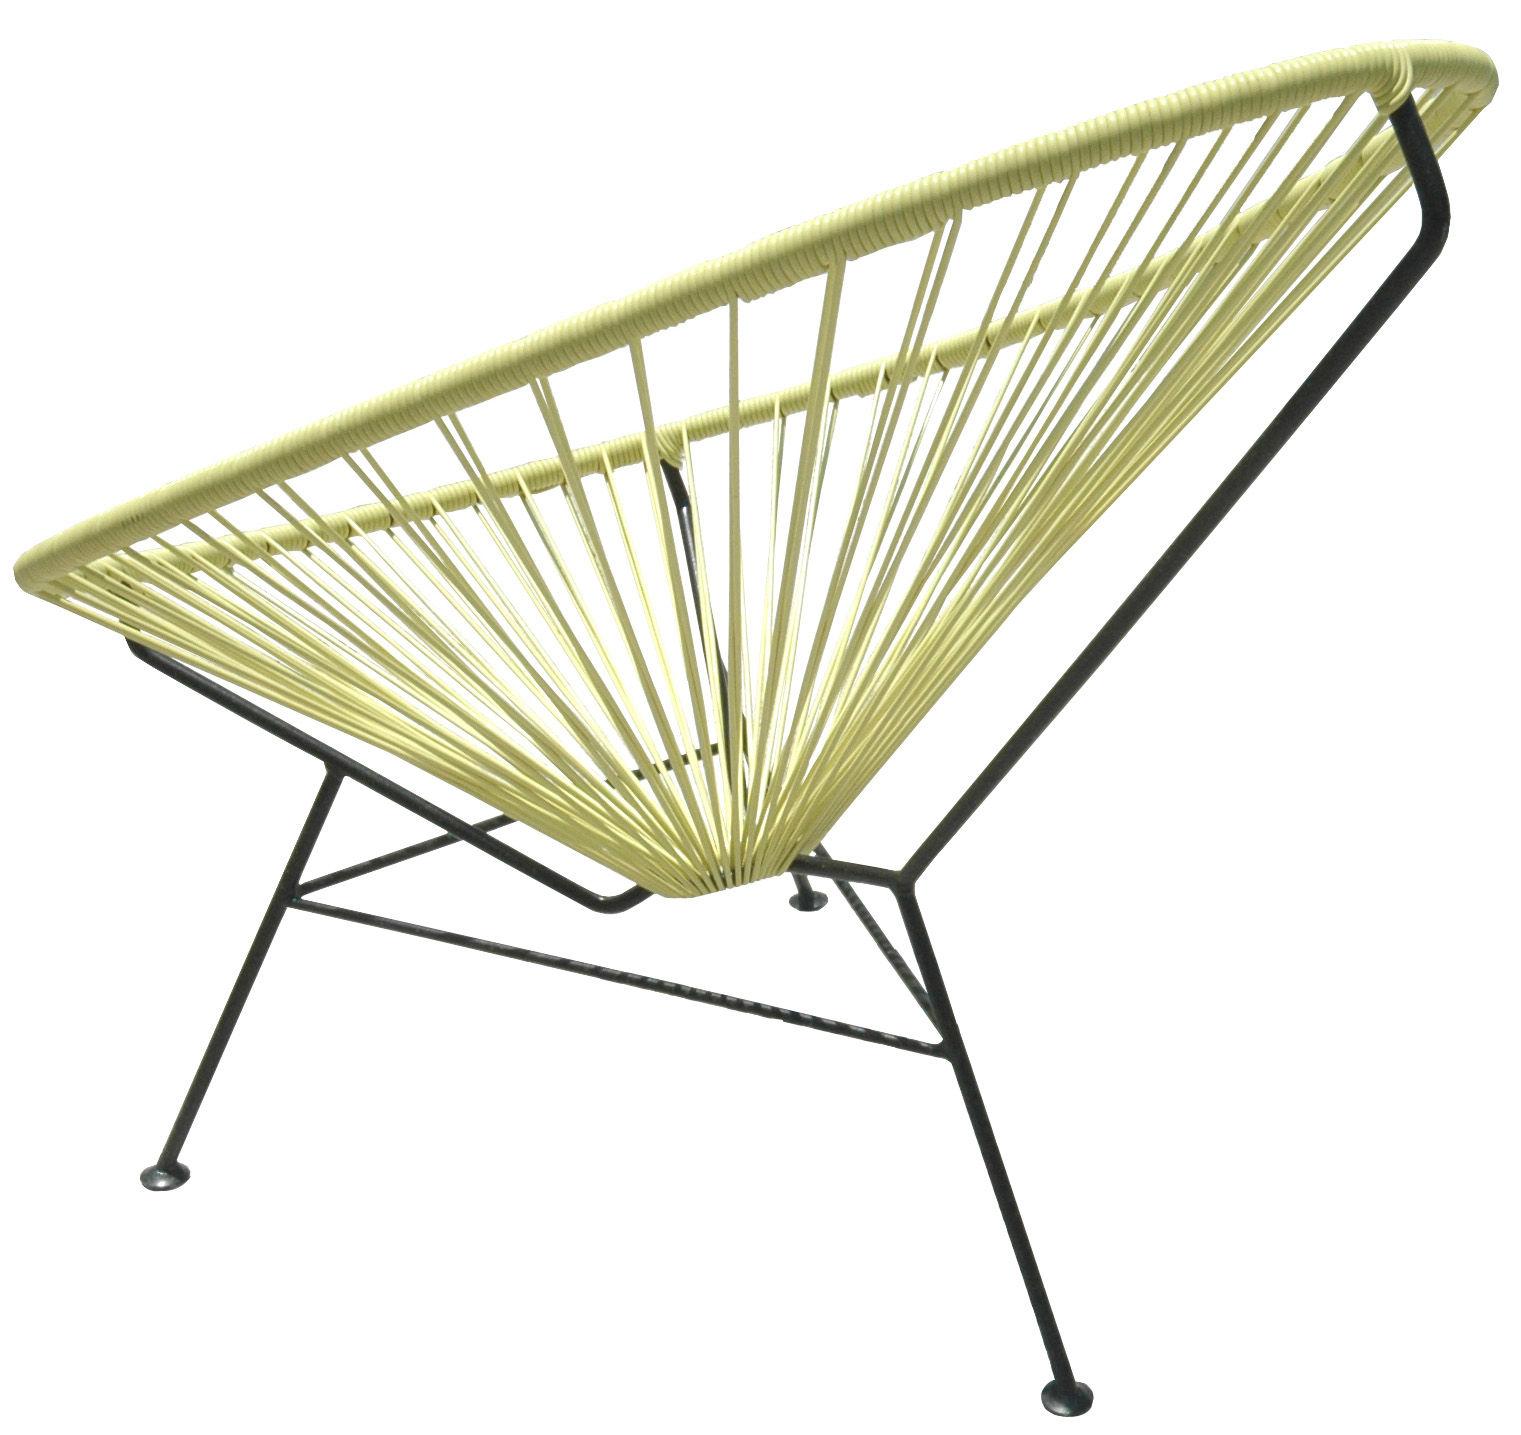 Arredamento - Mobili per bambini - Poltrona bambini Mini Acapulco di OK Design pour Sentou Edition - Giallo - Acciaio laccato, Materiale plastico